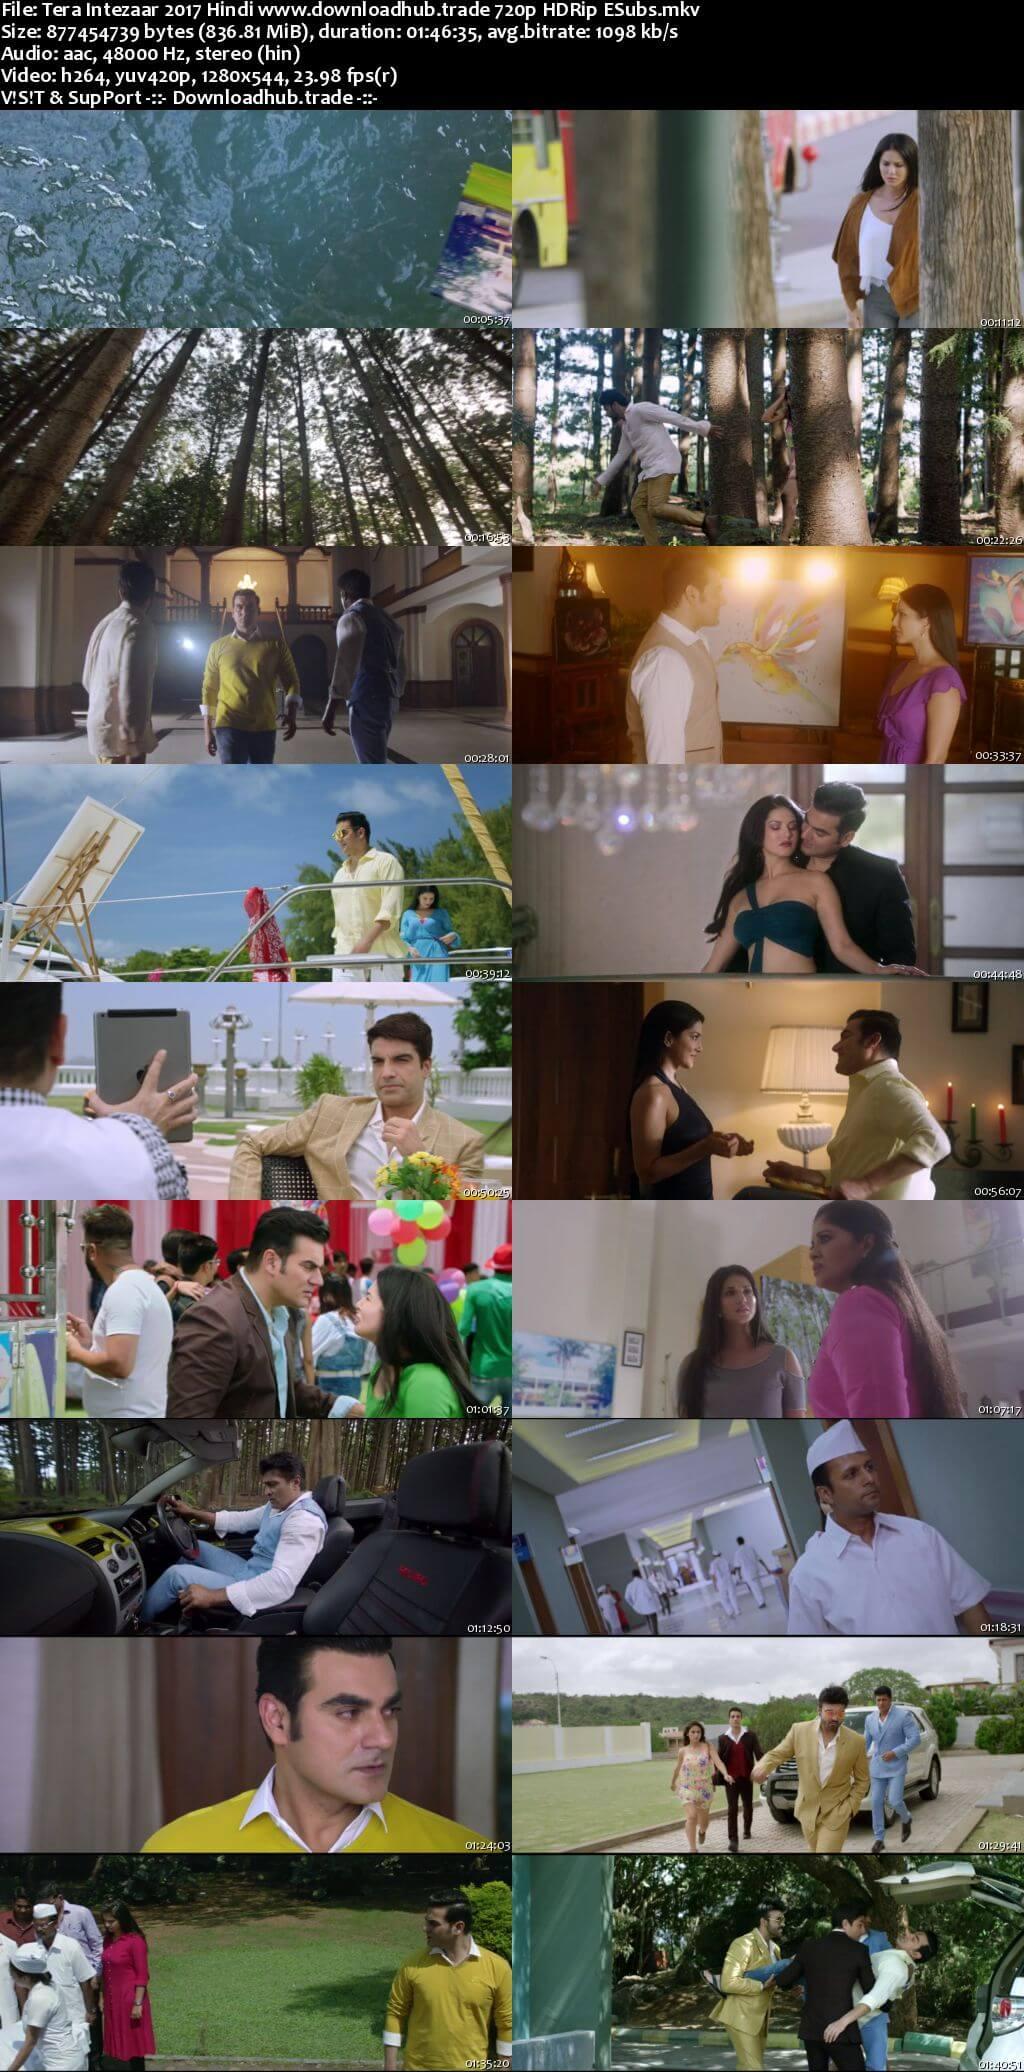 Tera Intezaar 2017 Hindi 720p HDRip ESubs